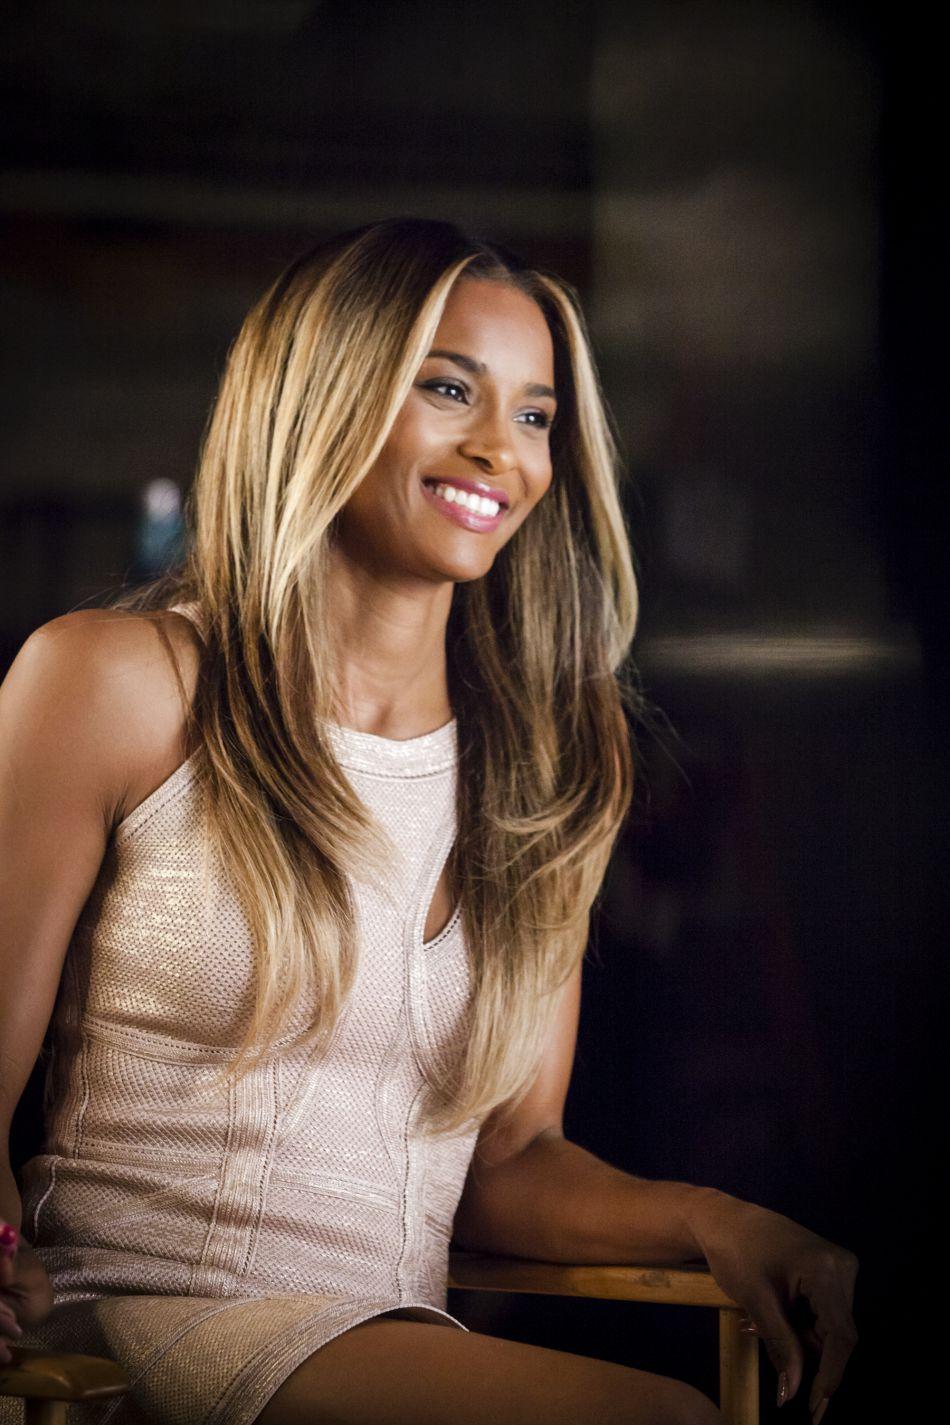 Le beauty look de la chanteuse Ciara est toujours au top.